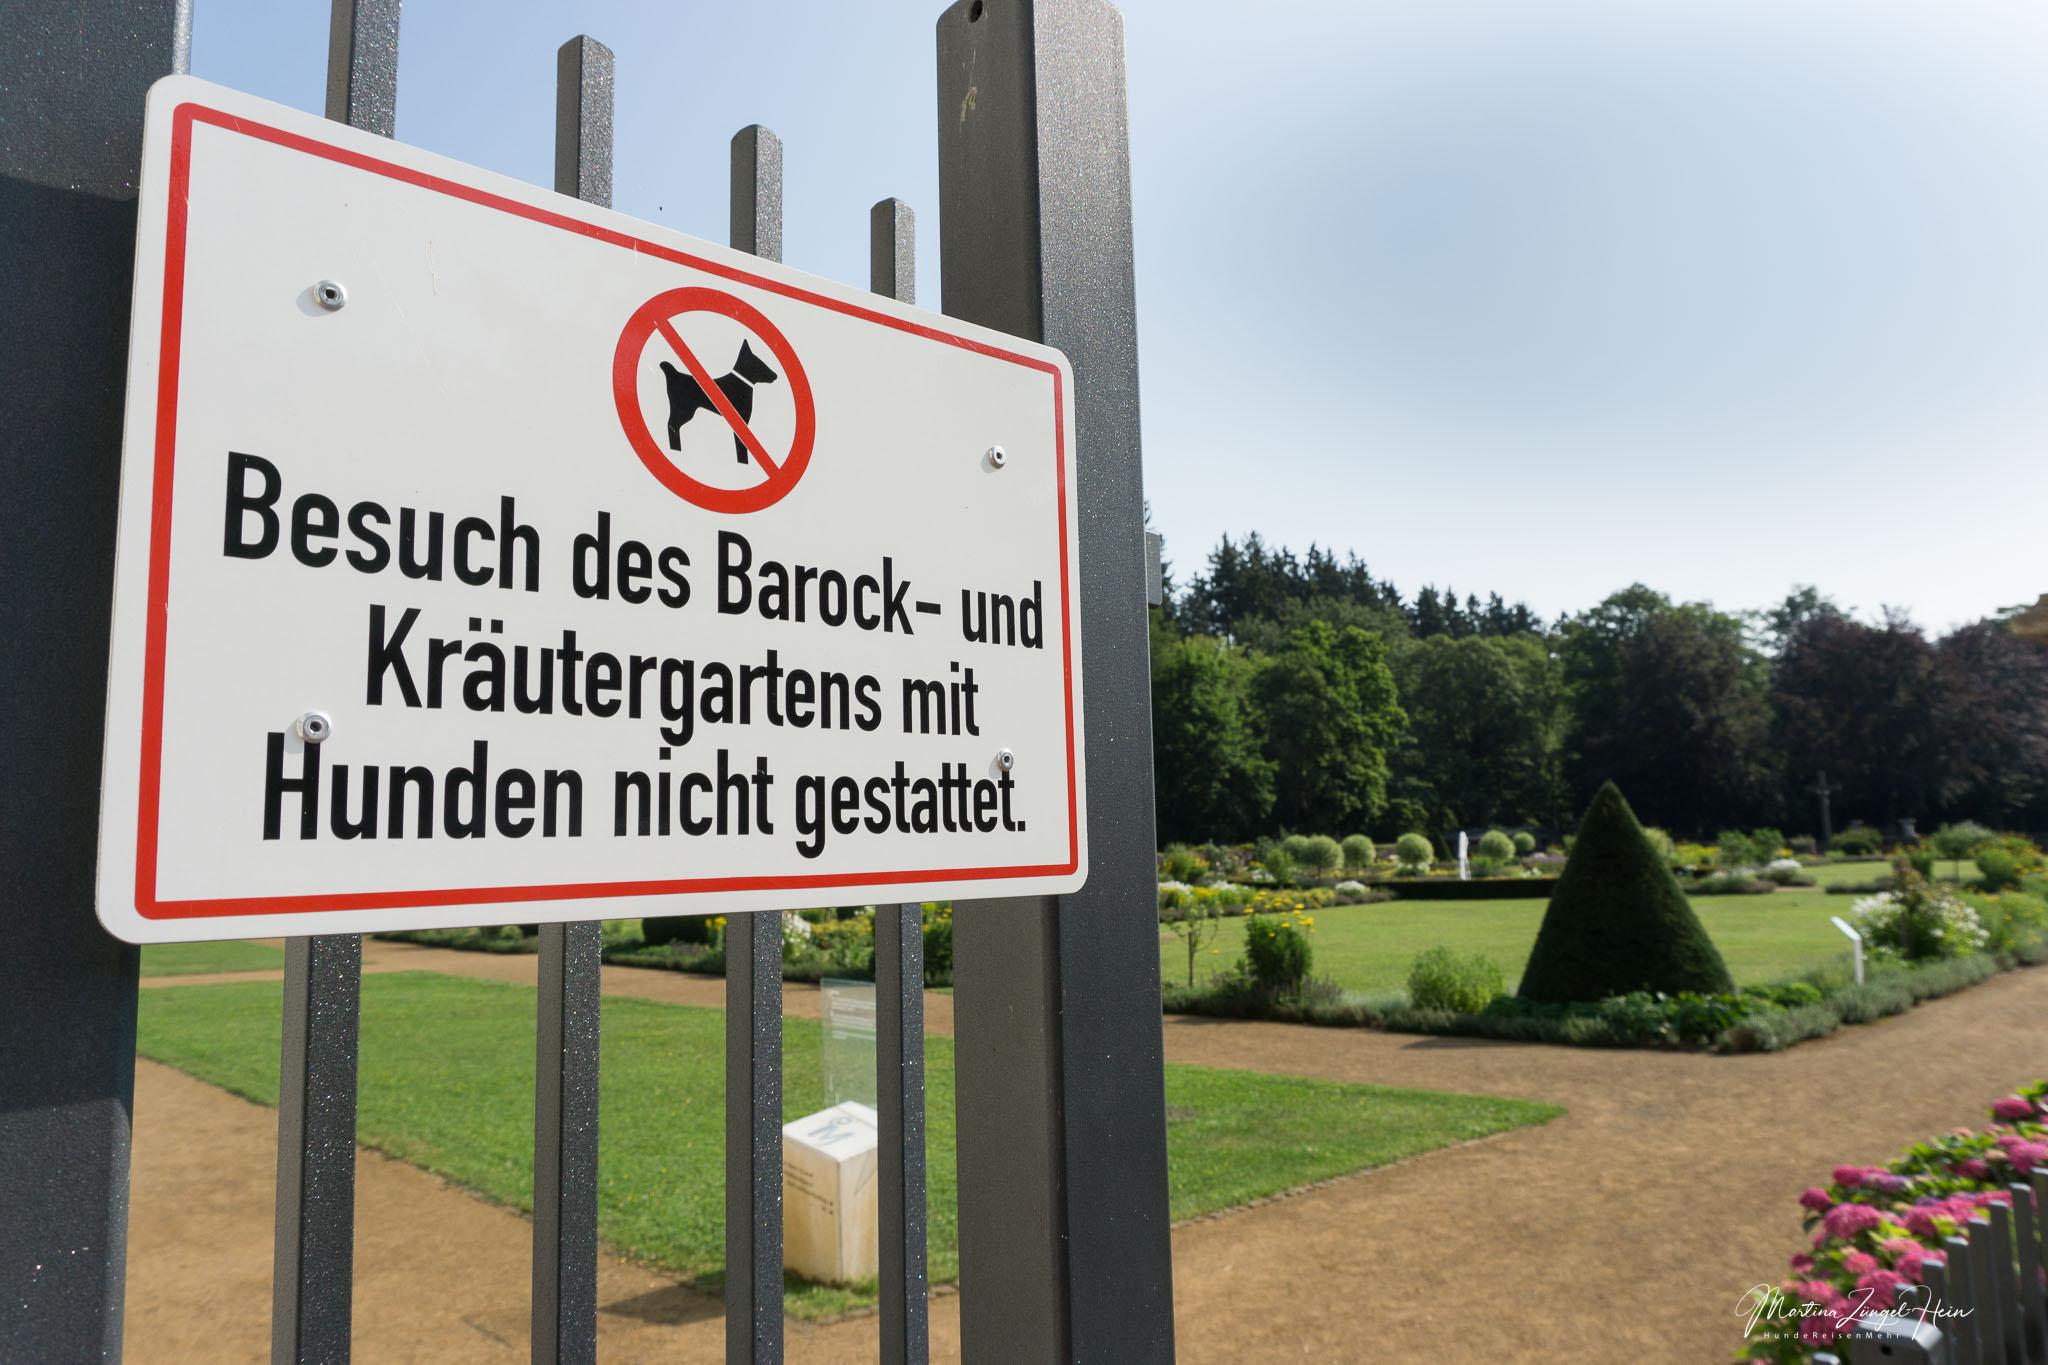 Hunde sind im Barock- und Kräutergarten der Abteil Marienstatt nicht erlaubt